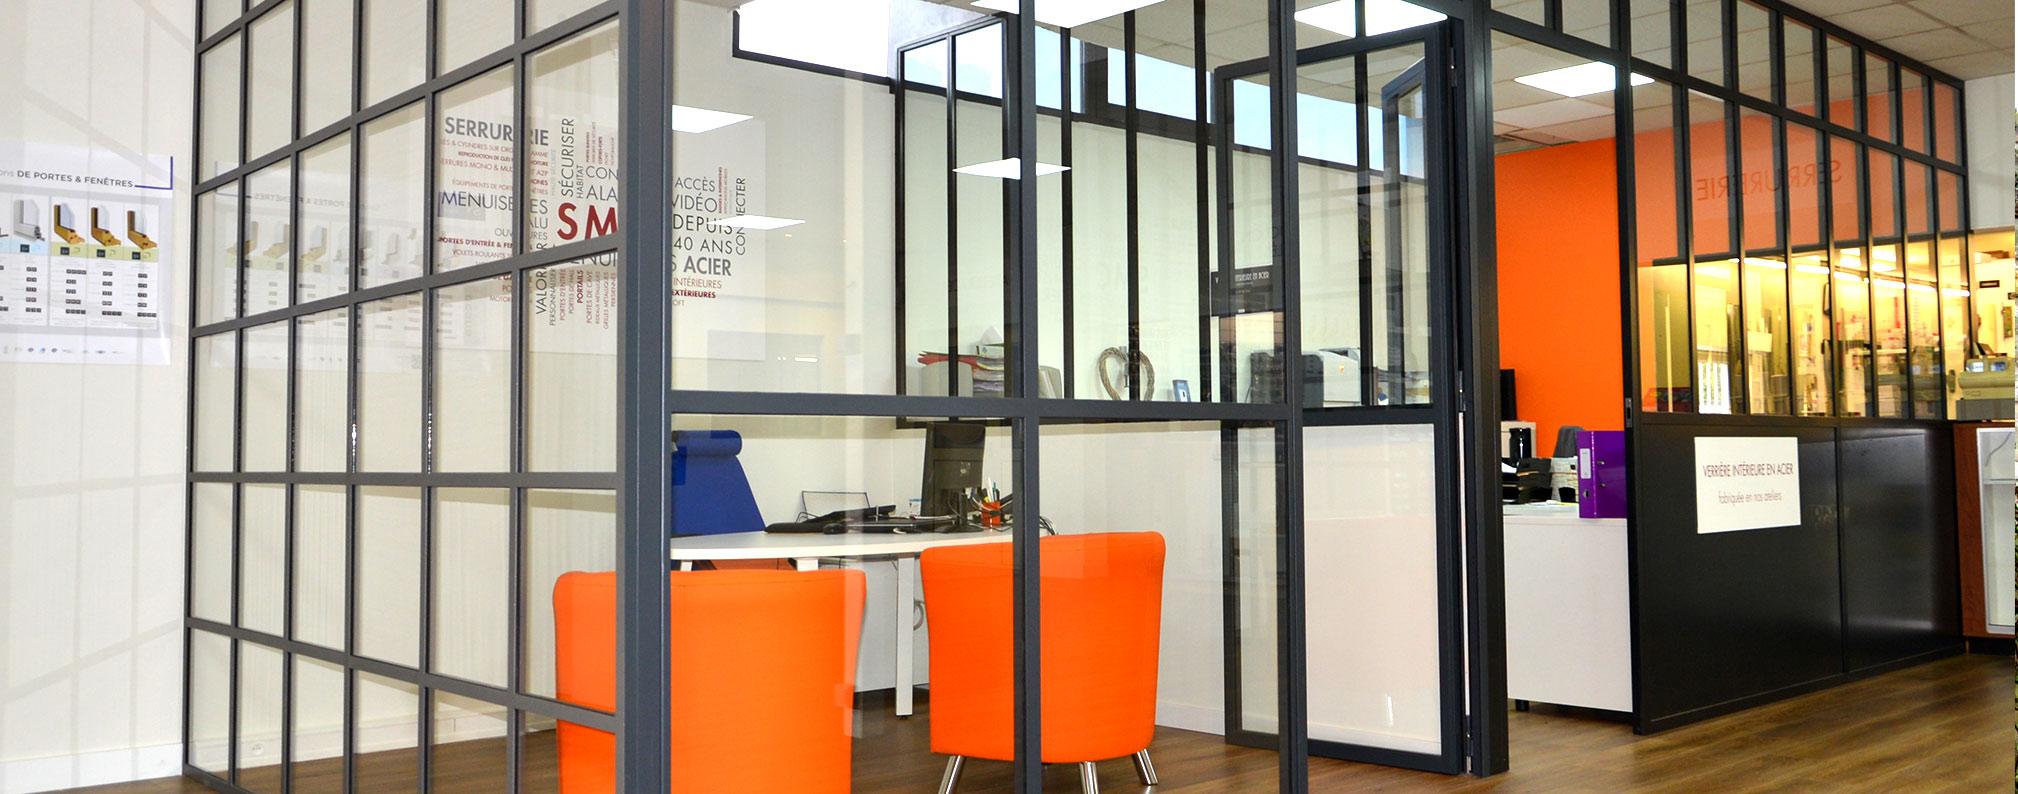 menuiserie acier et verri re style atelier d 39 artiste acier serrurerie moderne creilloise. Black Bedroom Furniture Sets. Home Design Ideas